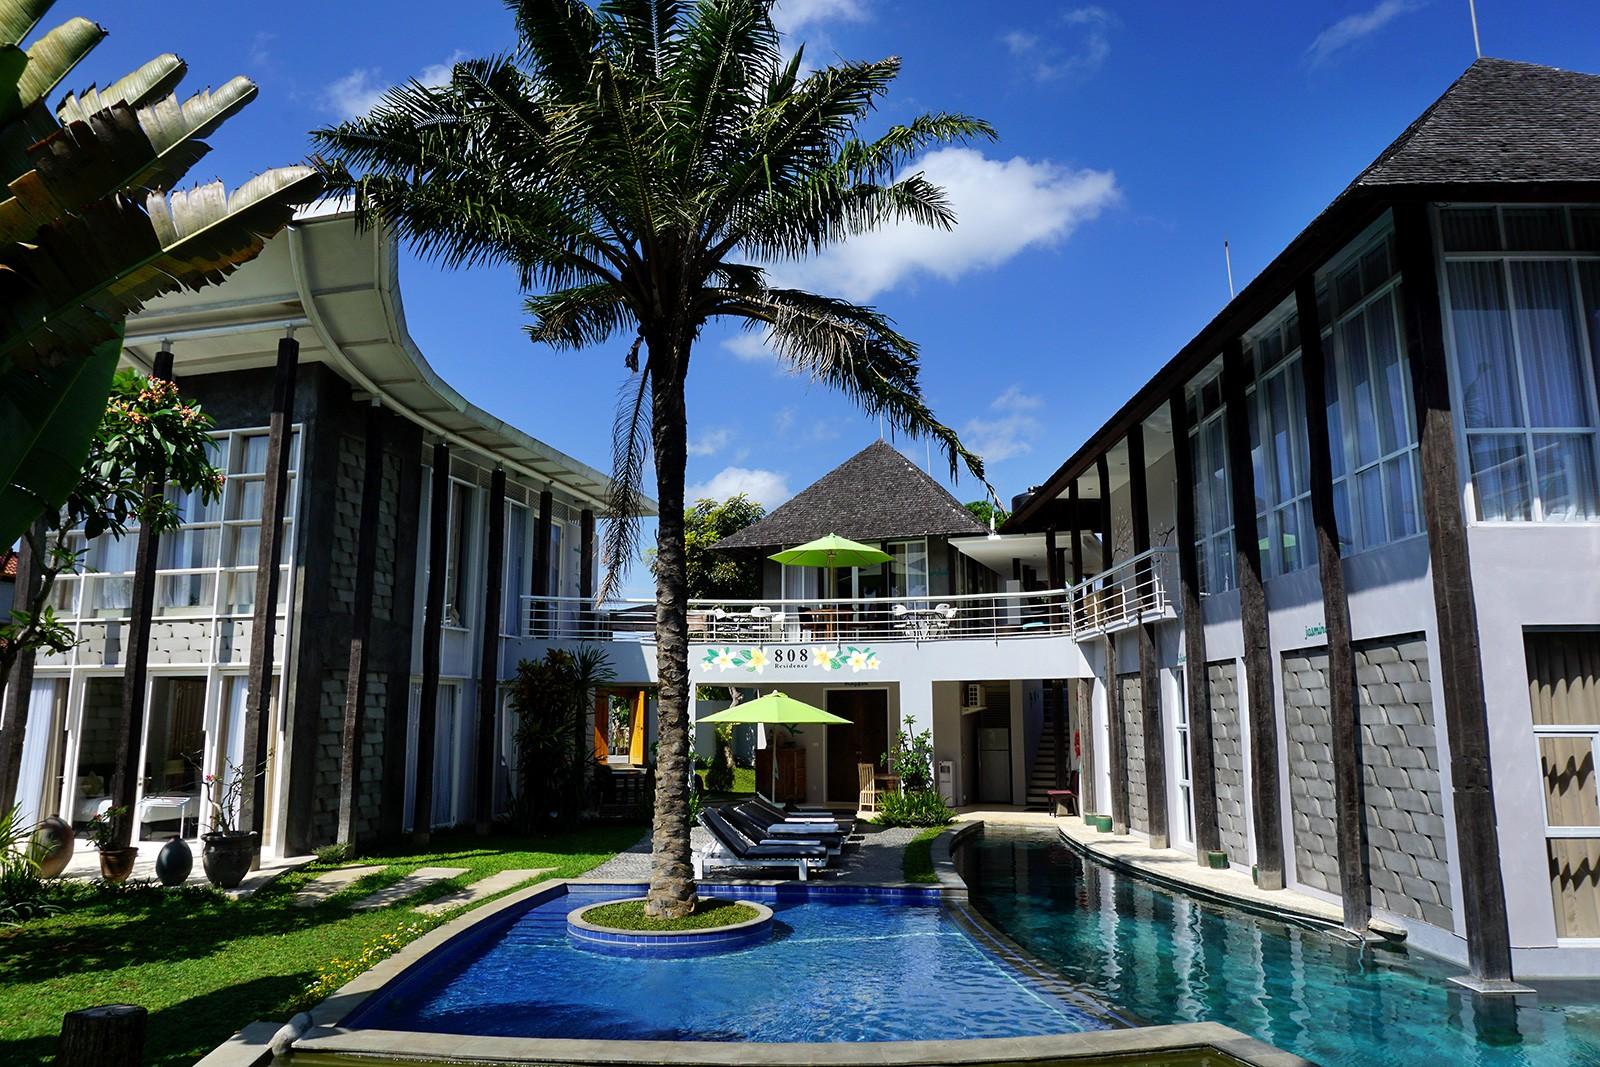 Villa 808 Residence Bali